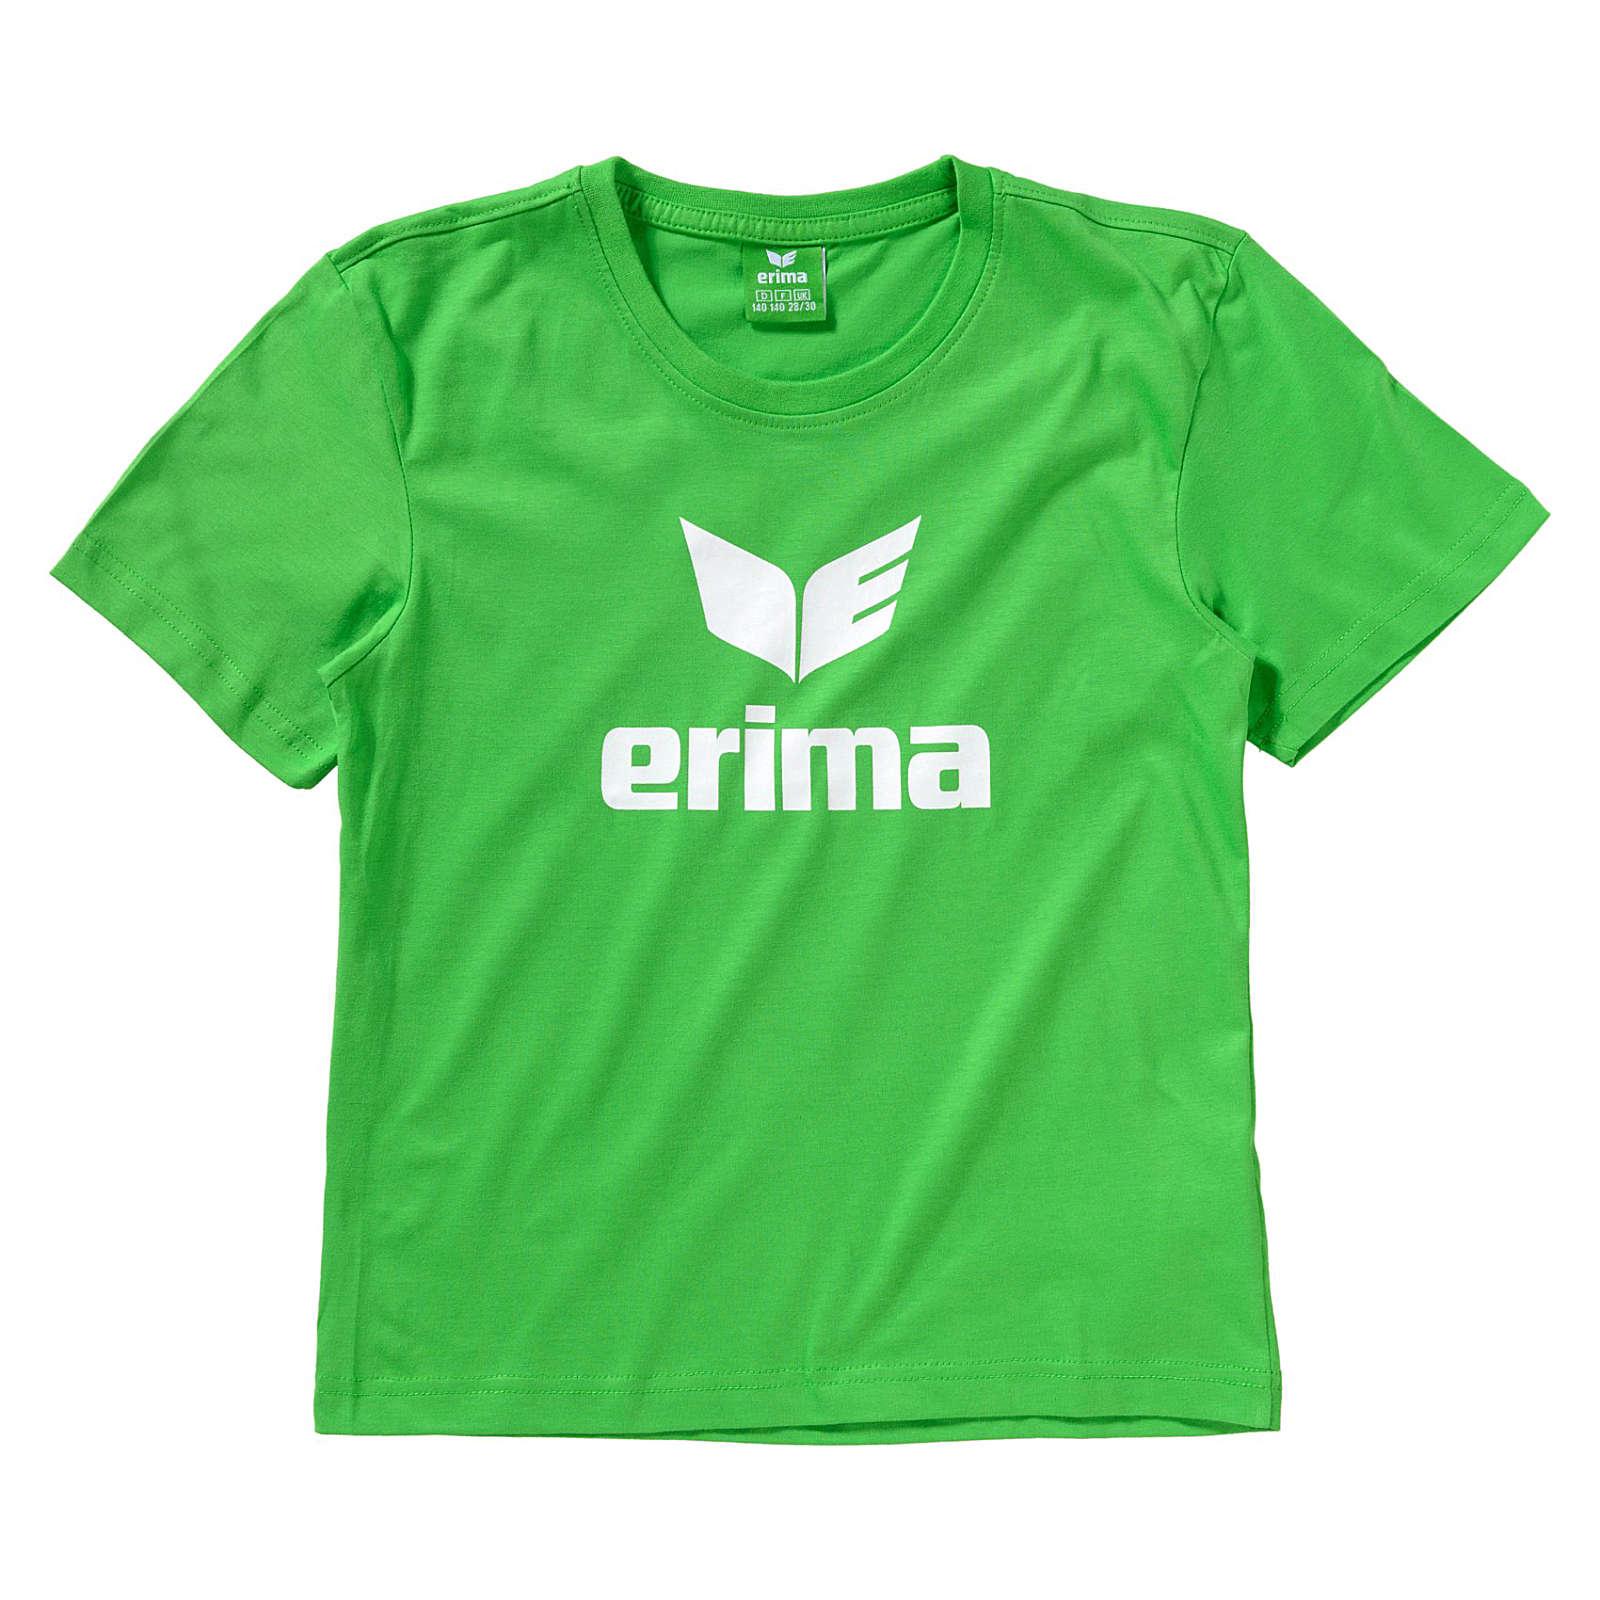 erima T-Shirt für Jungen grün Junge Gr. 116